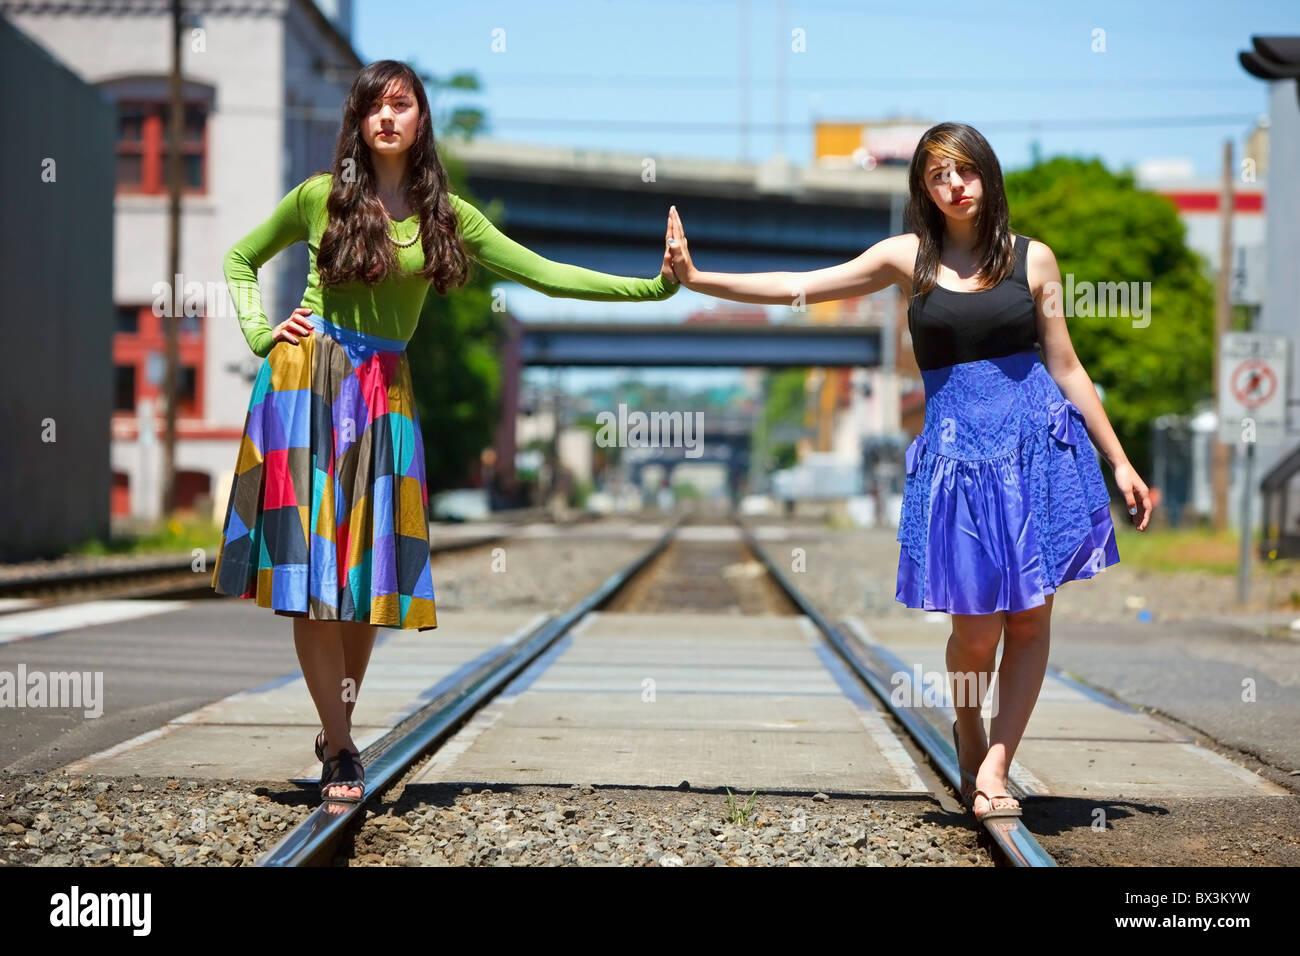 Mädchen im Teenageralter balancieren auf den Bahngleisen Innenstadt; Portland, Oregon, Vereinigte Staaten von Amerika Stockfoto